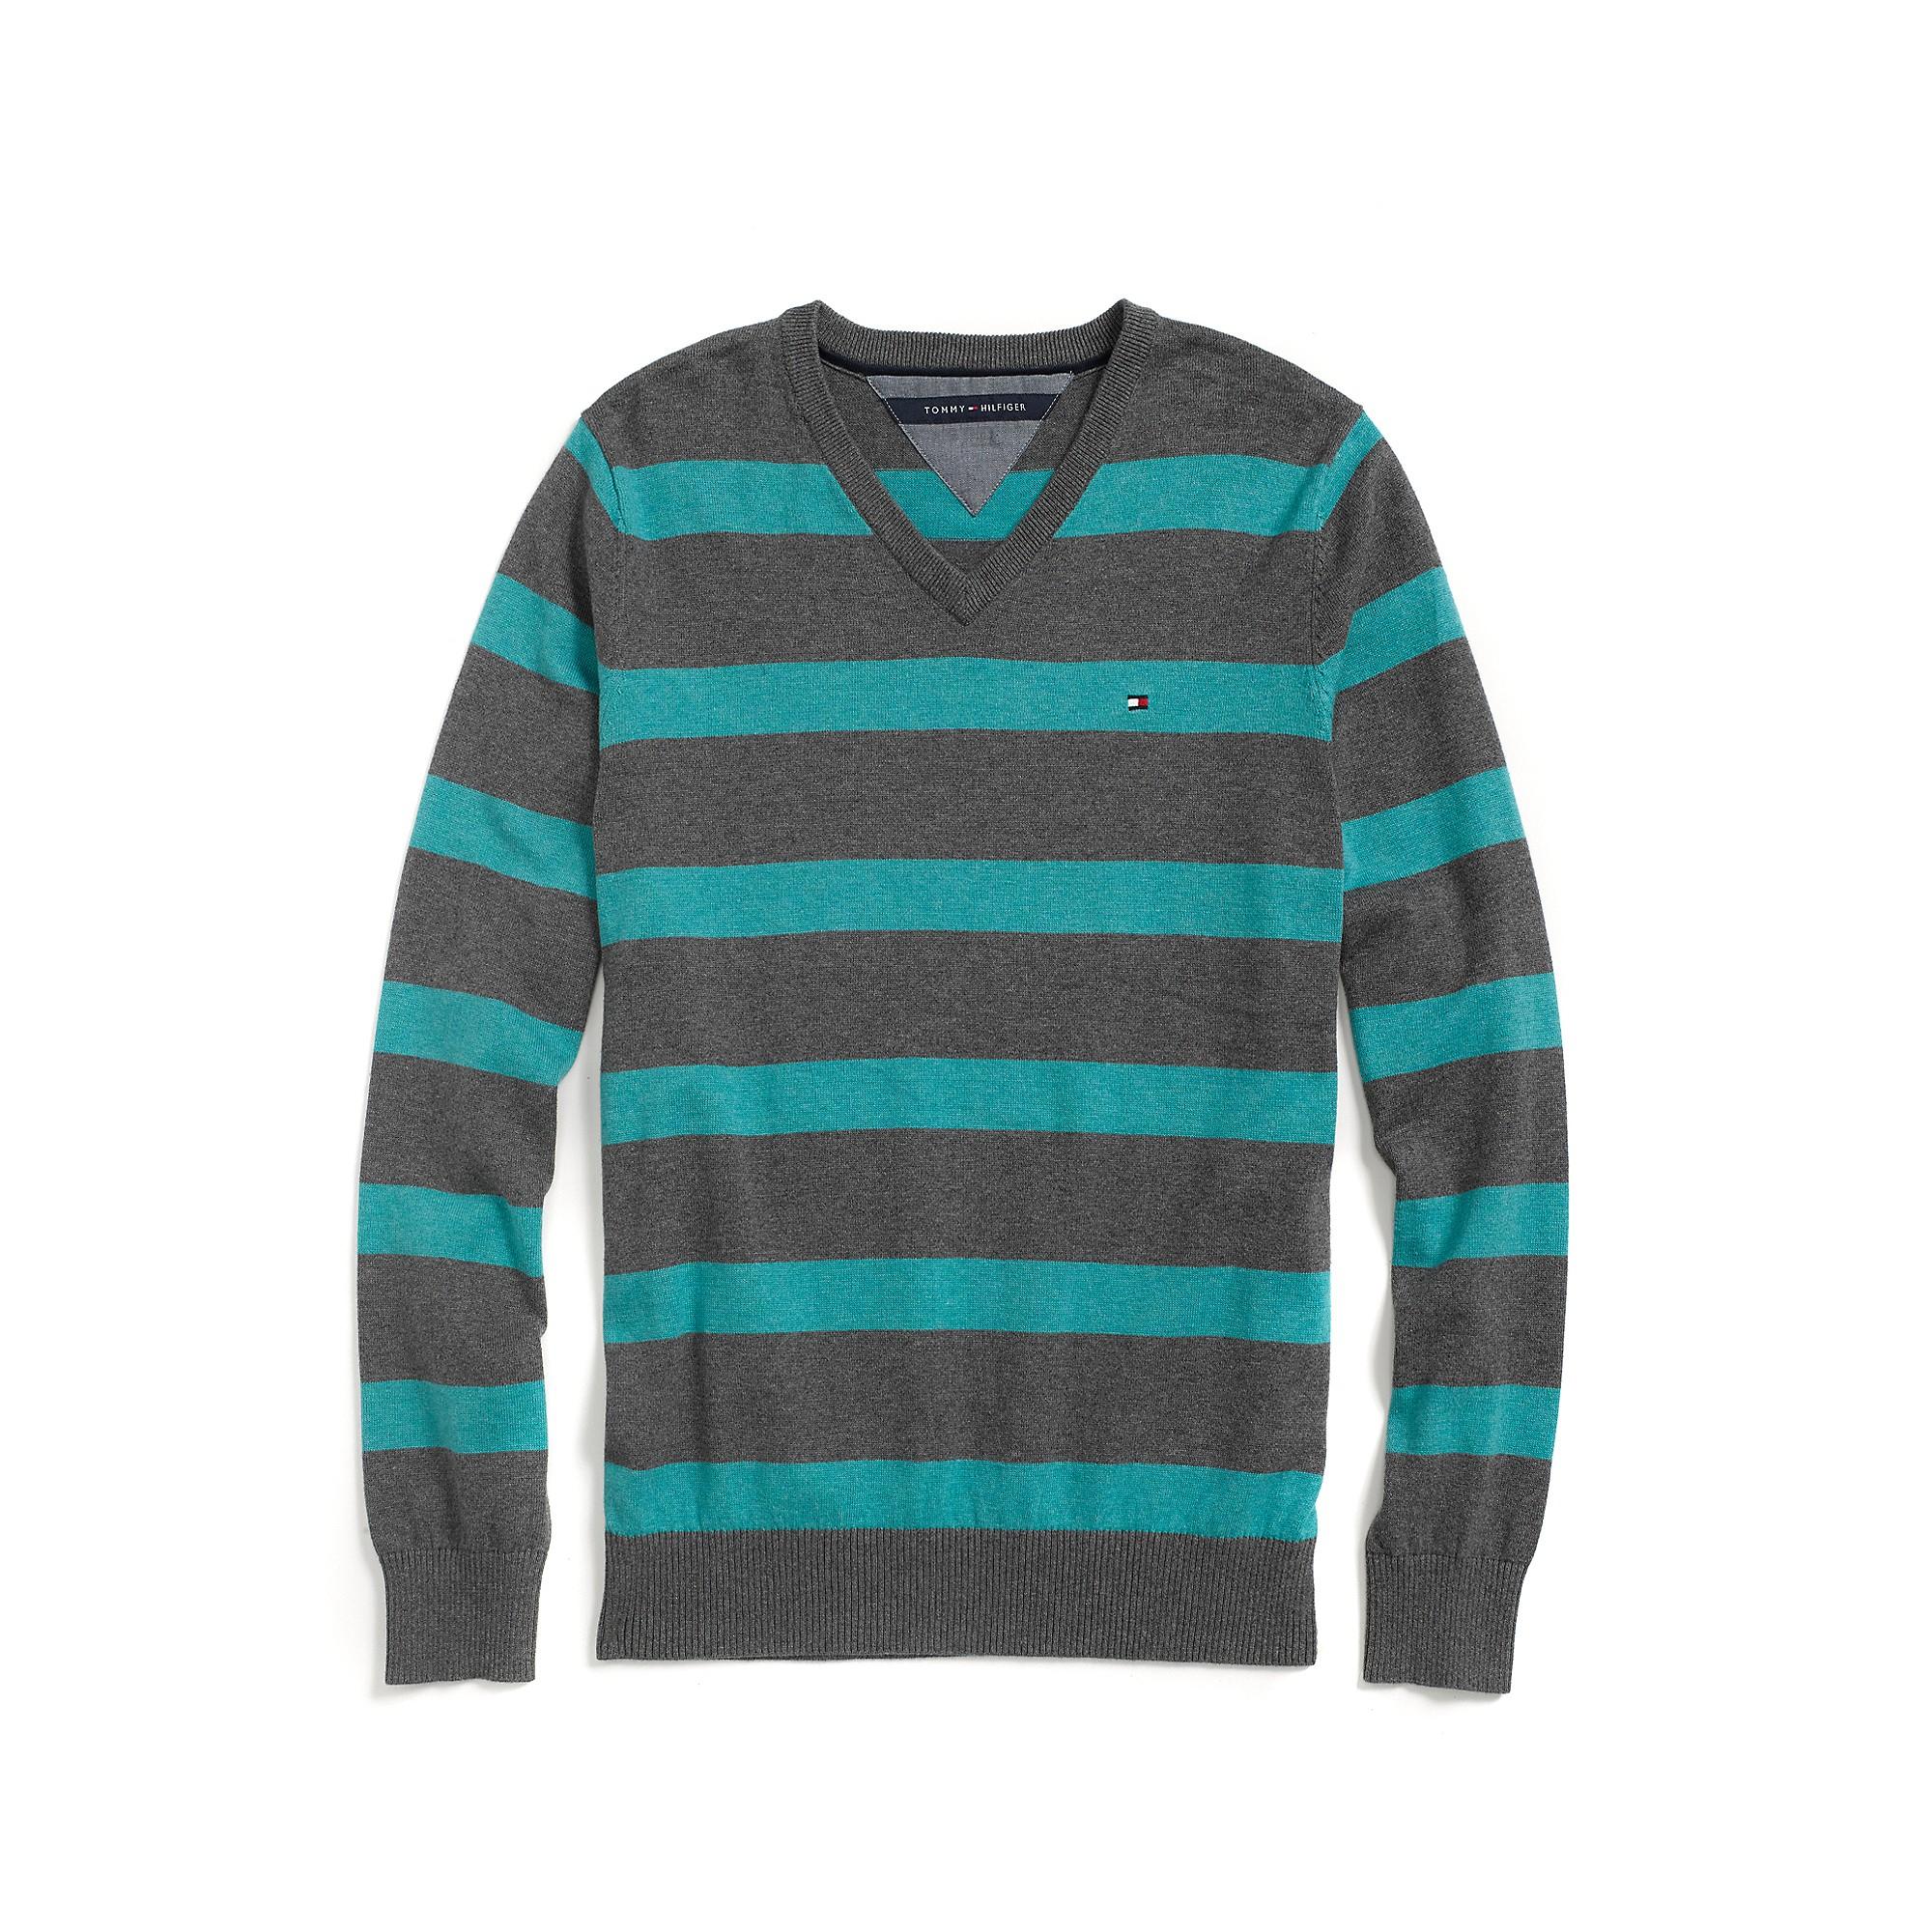 tommy hilfiger stripe v neck sweater in gray for men. Black Bedroom Furniture Sets. Home Design Ideas